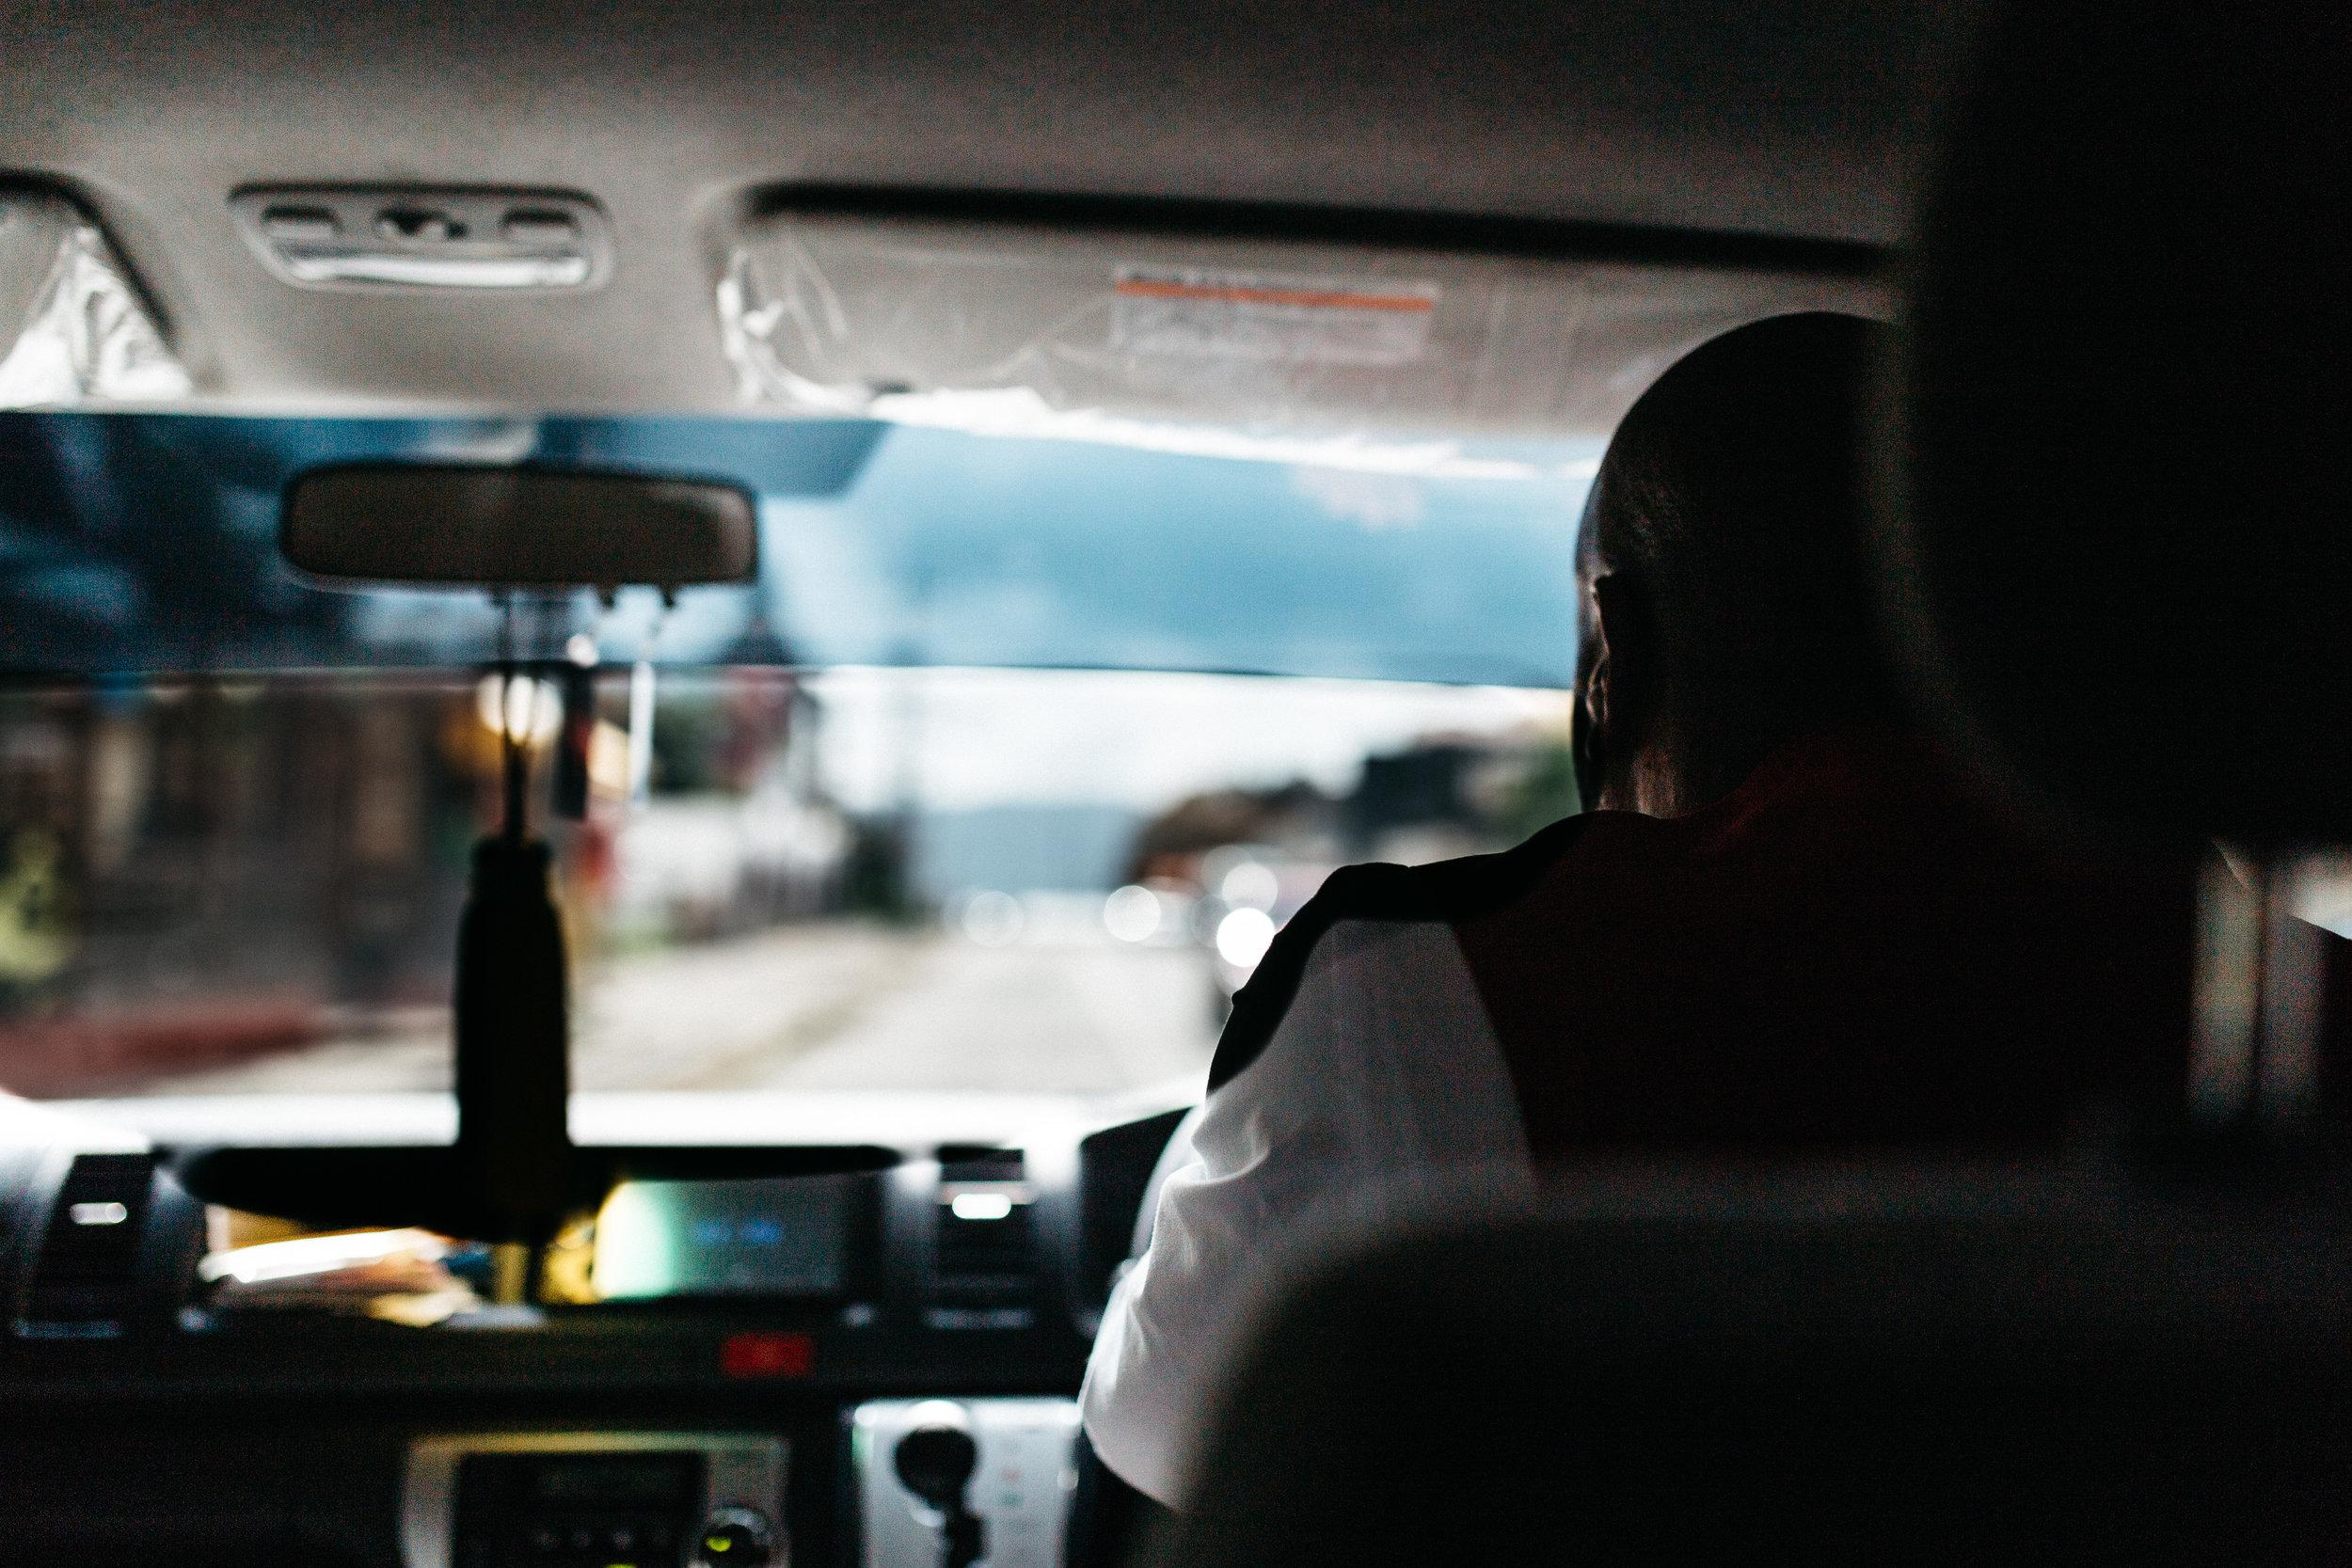 Hands down, happiest cab ride we've ever taken part of.